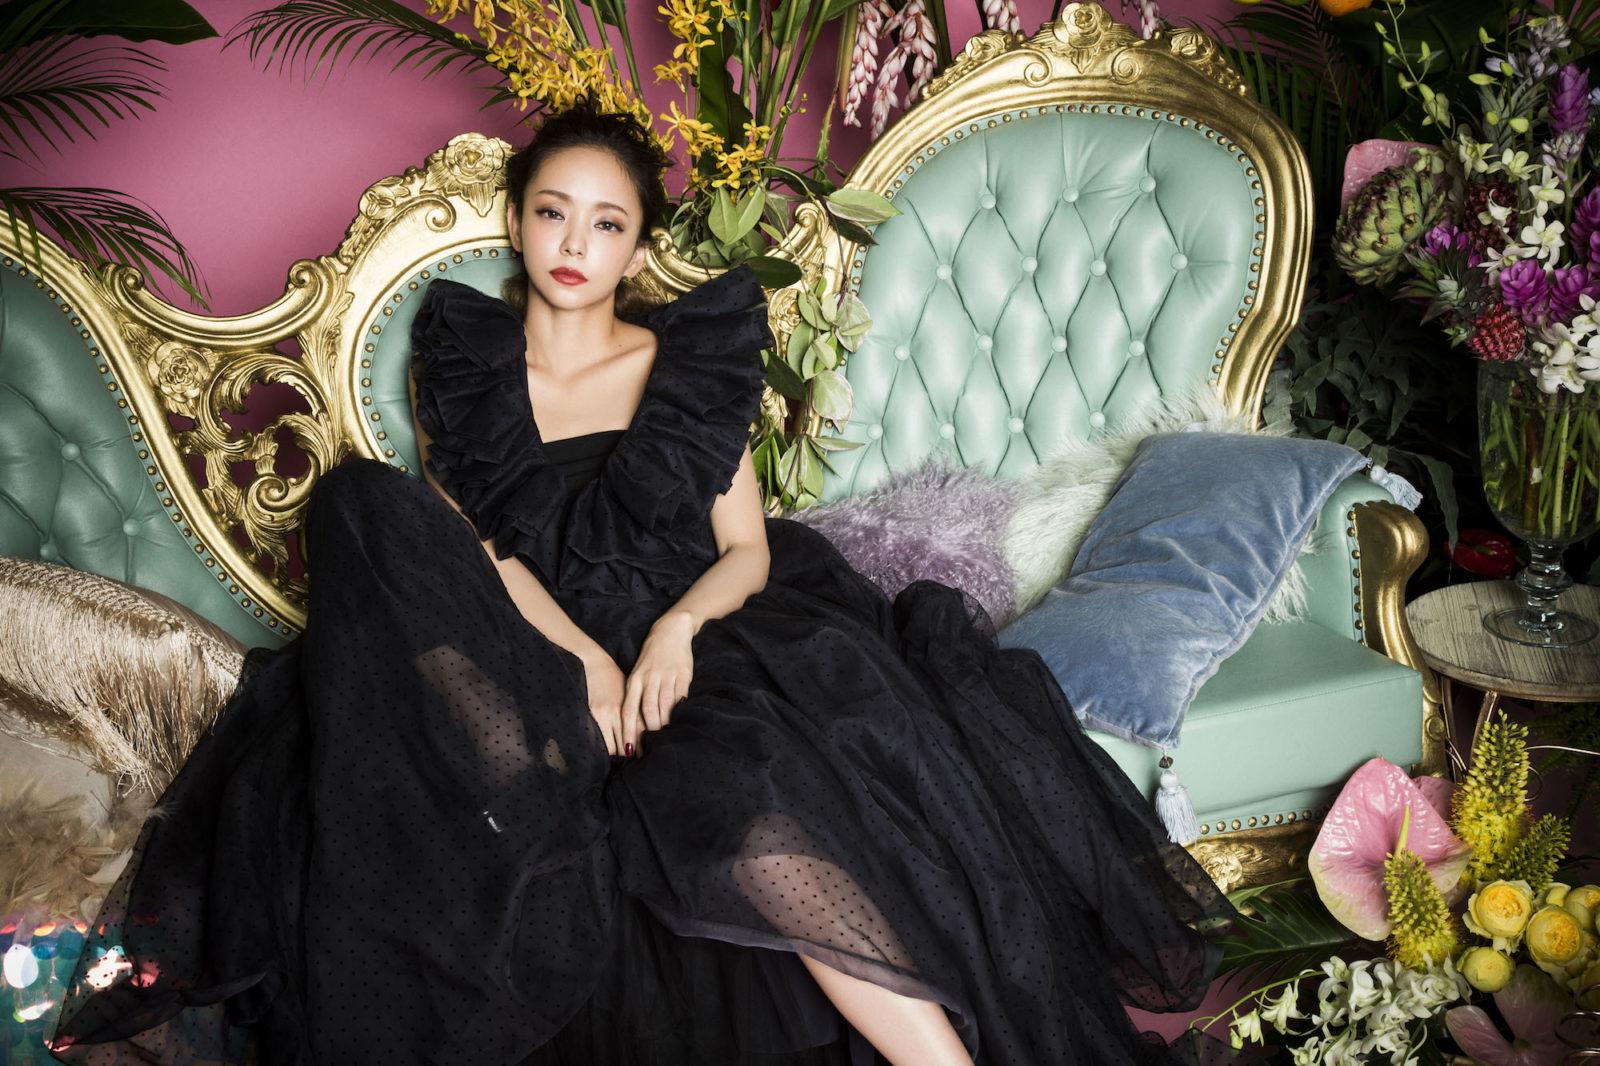 安室奈美恵の引退前ベストアルバムに「買ってよかった」「普段CDなんか買わないのに…」と感想続出サムネイル画像